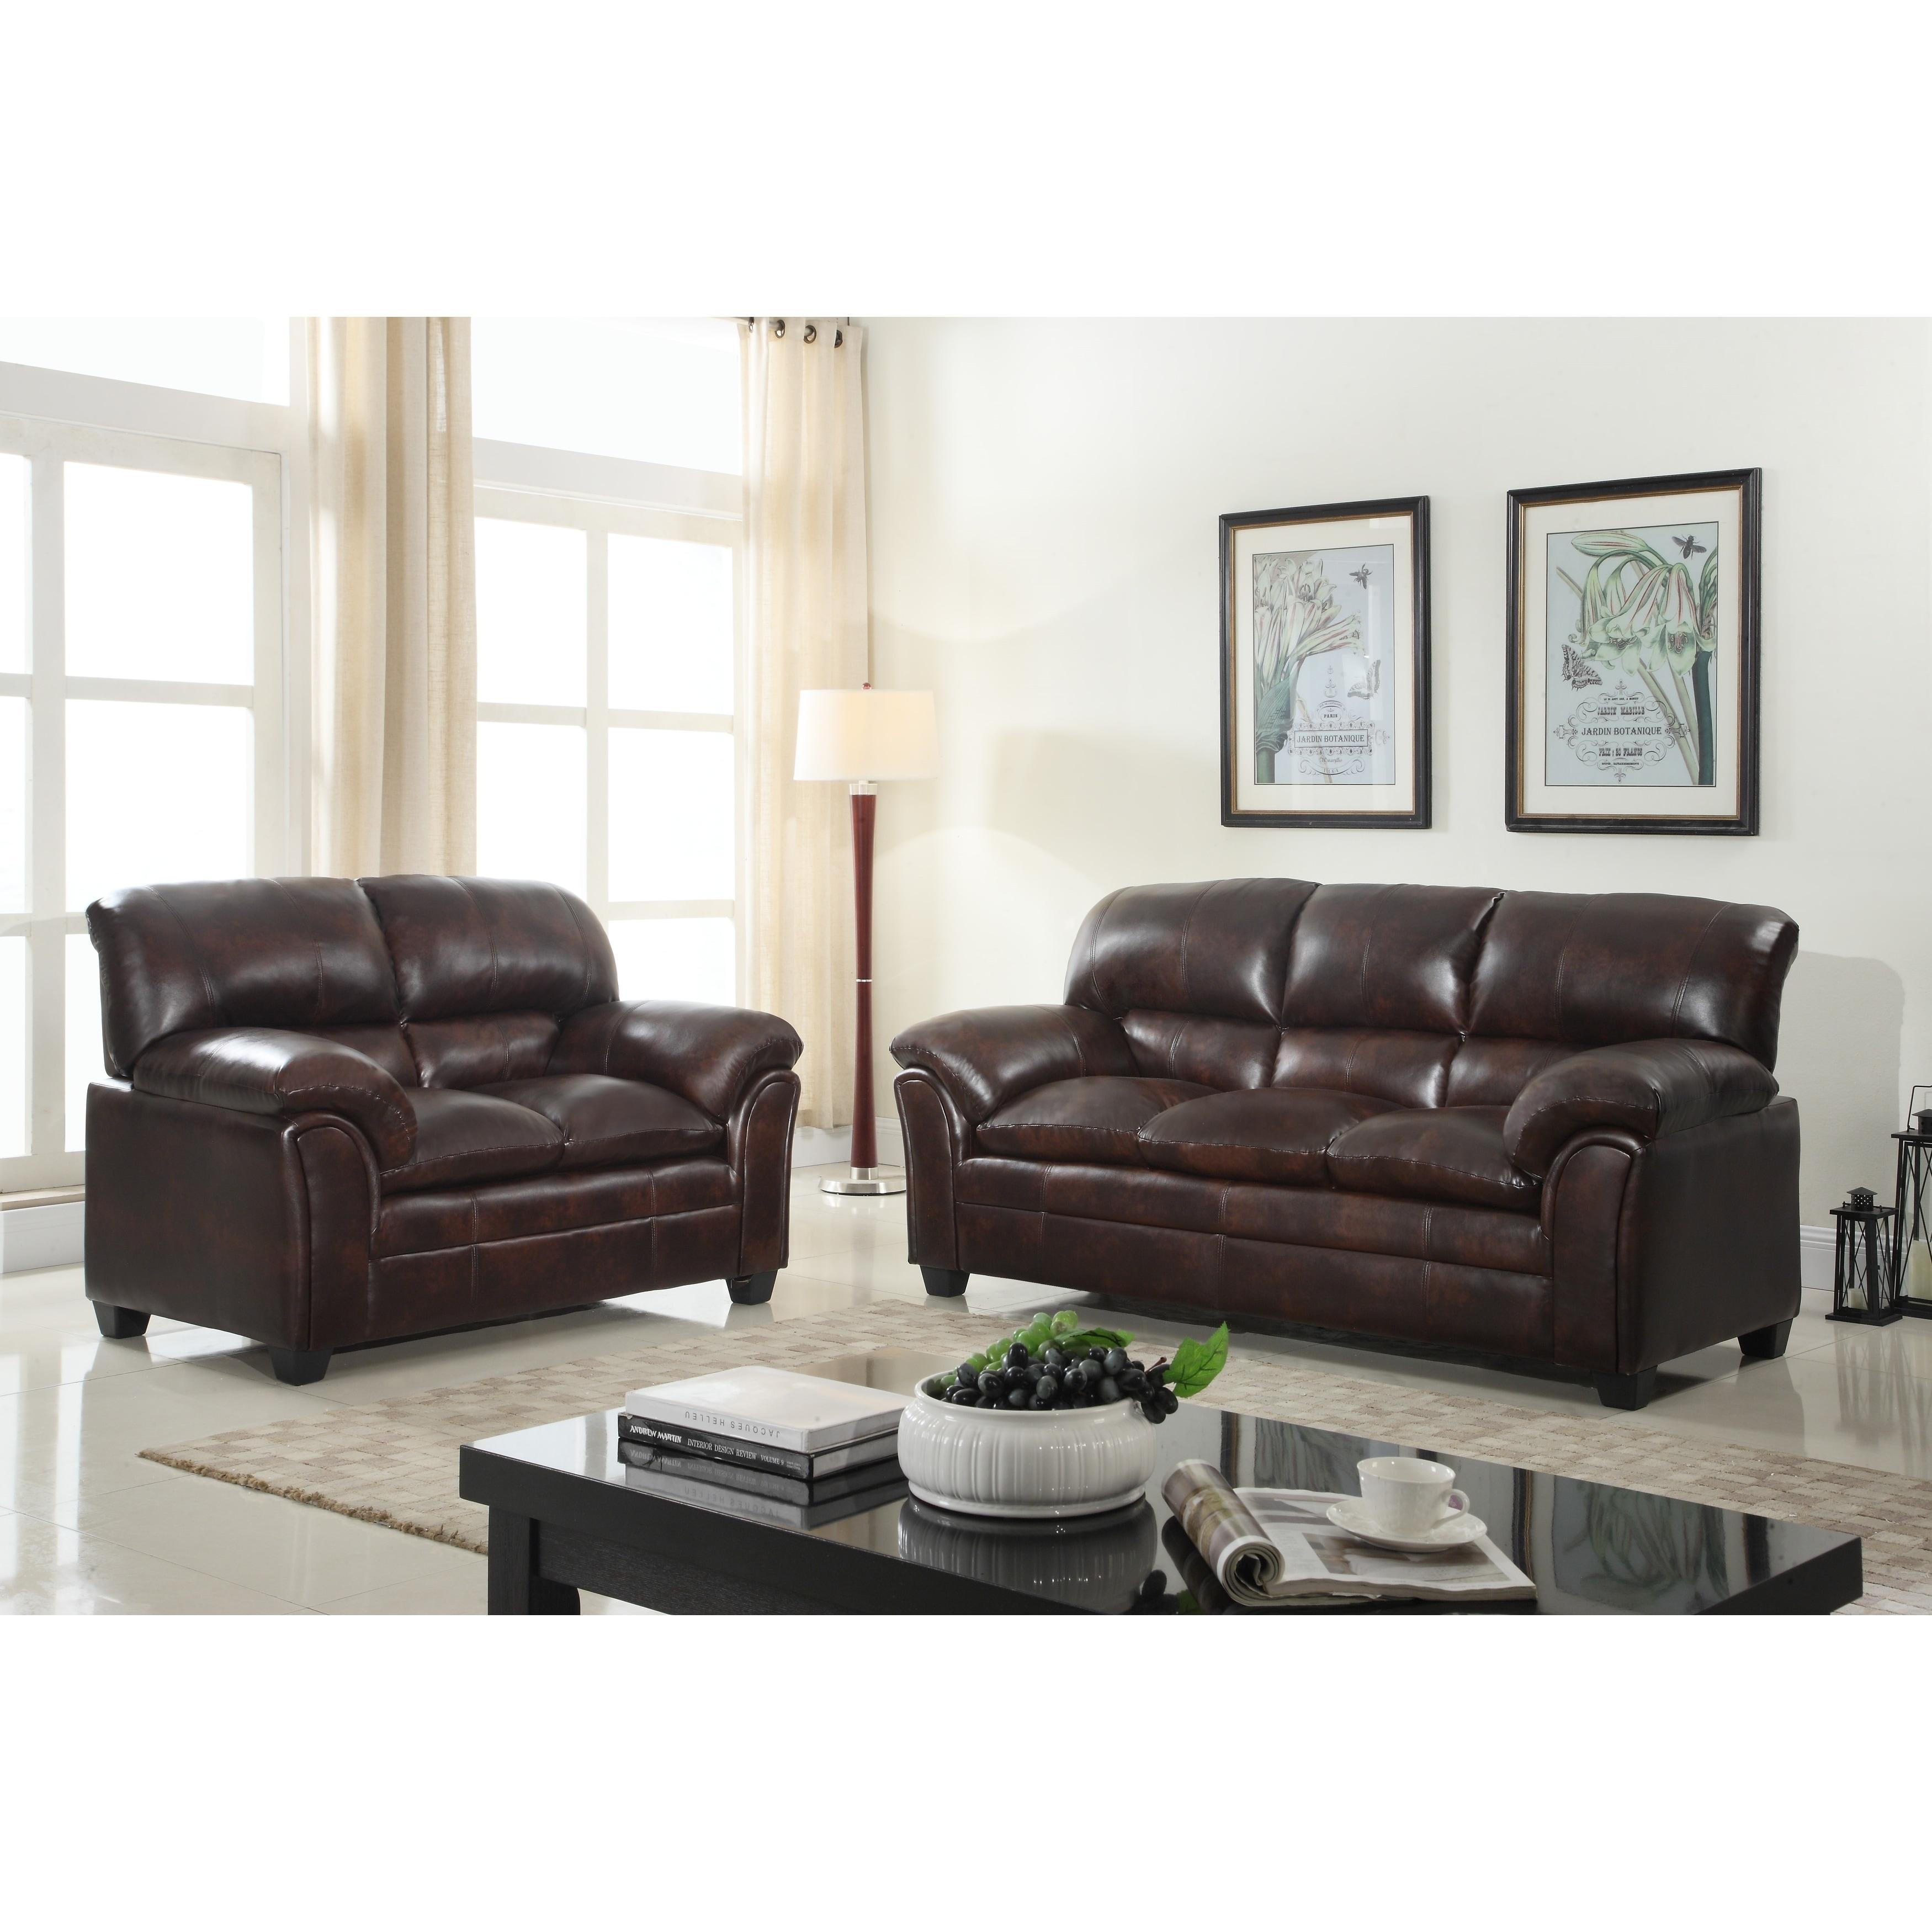 Gtu Furniture Sophisticated Luxurious